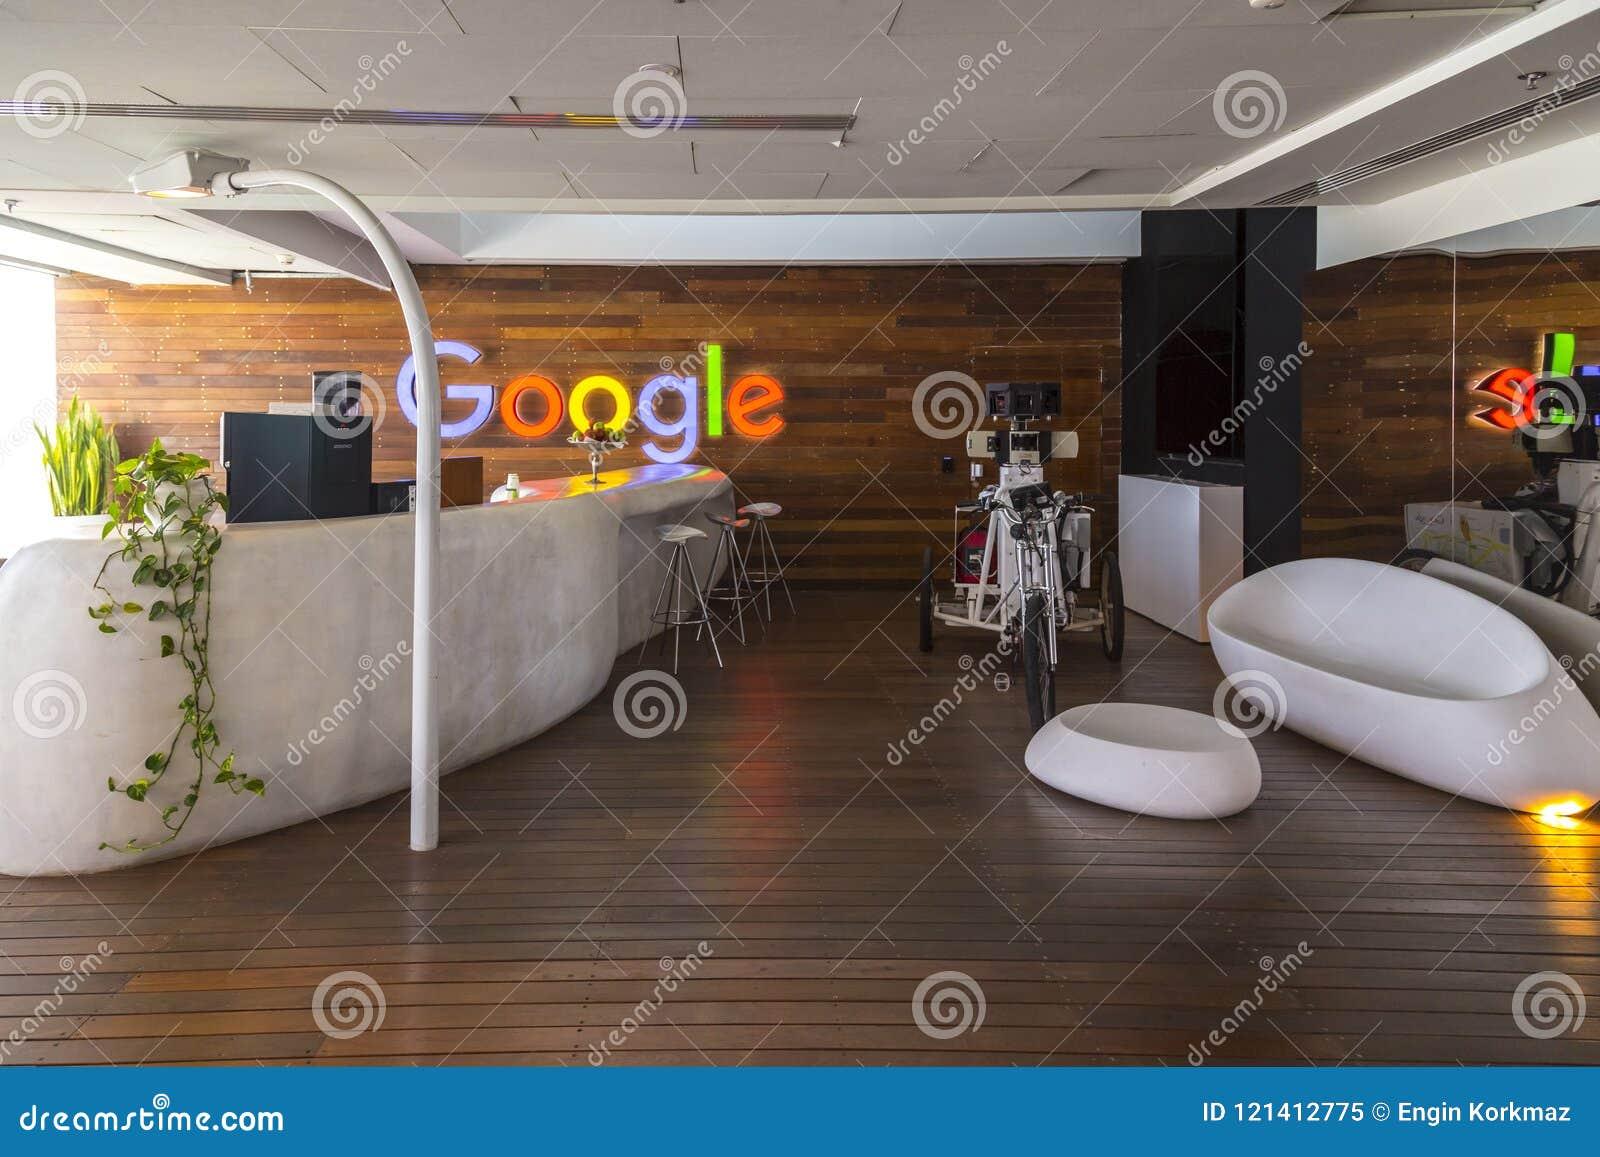 Google tel aviv israel offices Slide Google Office Tel Aviv Israel Dreamstimecom Google Office Tel Aviv Israel Editorial Image Image Of Brand